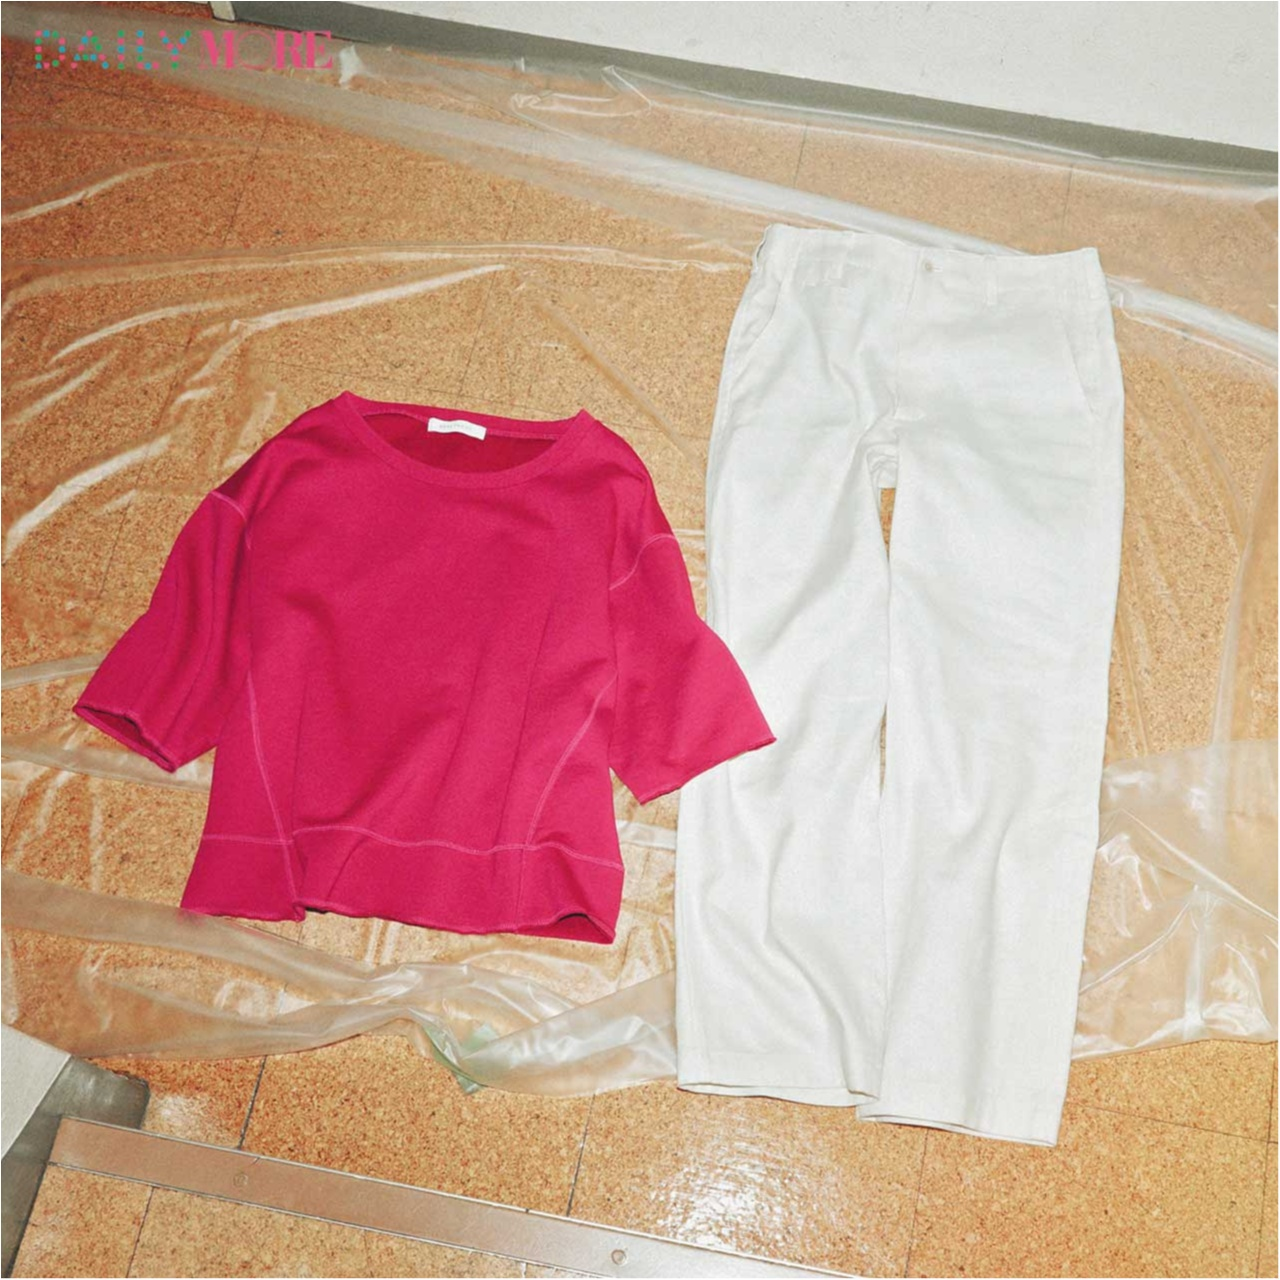 【ファッション界のおしゃれなウワサ教えます】スタイリスト辻村真理さんが気になる新ブランドって?_1_1